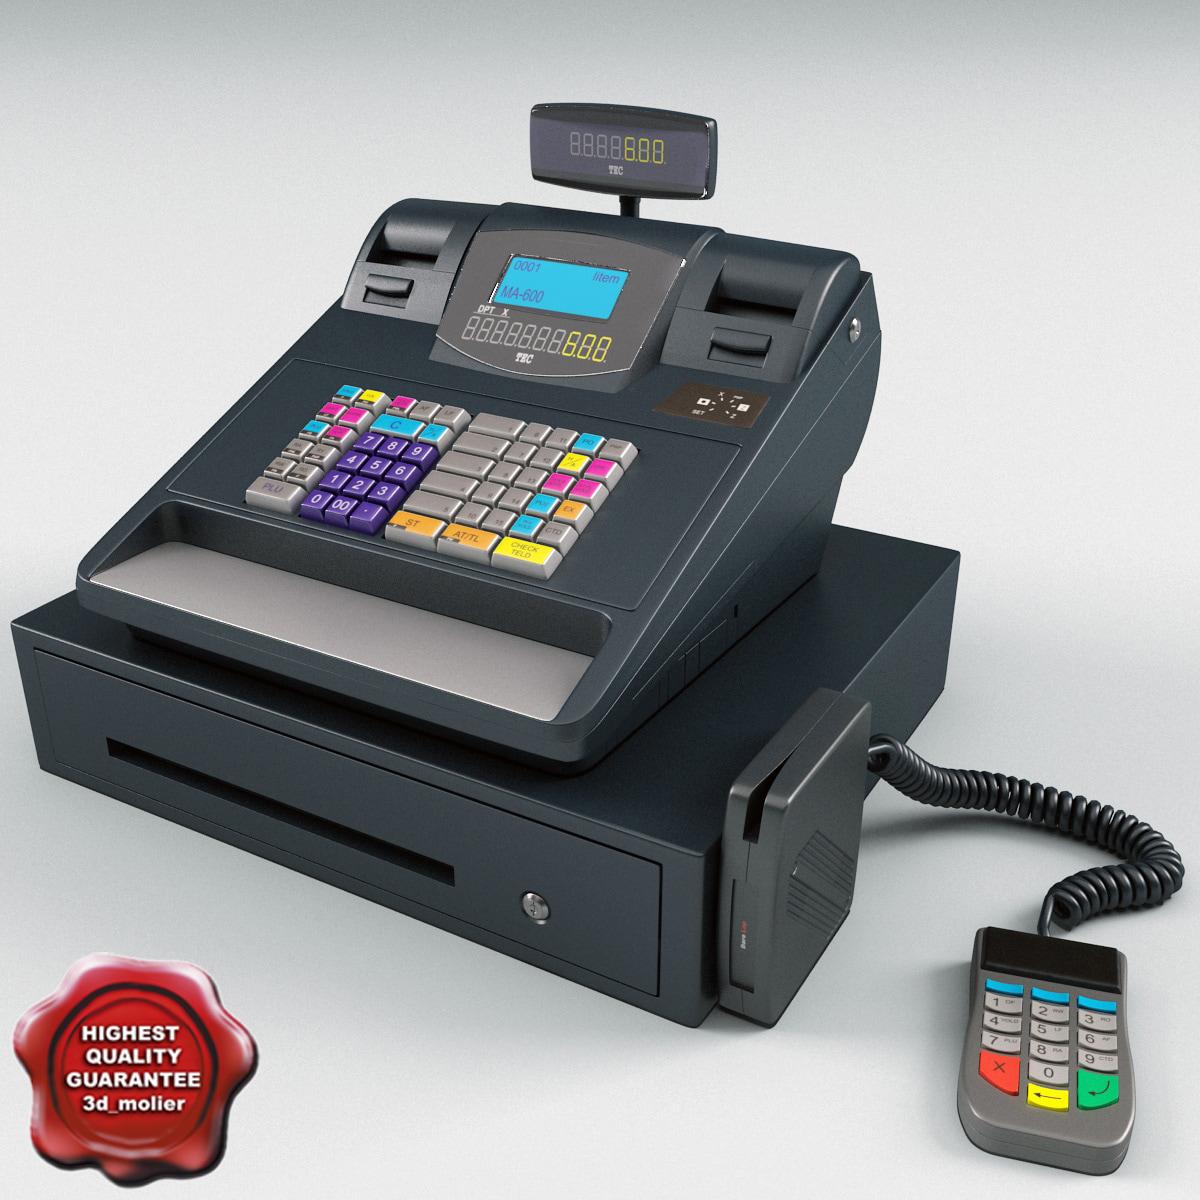 Cash_Register_V3_00.jpg